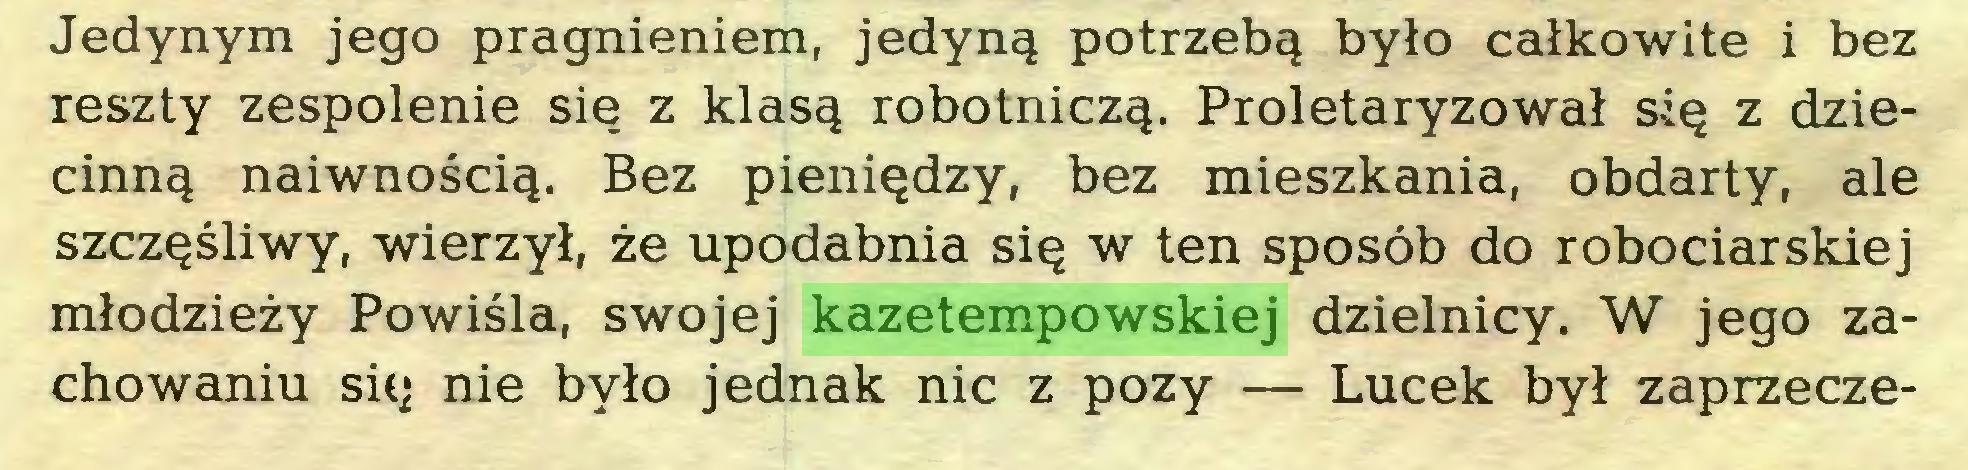 (...) Jedynym jego pragnieniem, jedyną potrzebą było całkowite i bez reszty zespolenie się z klasą robotniczą. Proletaryzował się z dziecinną naiwnością. Bez pieniędzy, bez mieszkania, obdarty, ale szczęśliwy, wierzył, że upodabnia się w ten sposób do robociarskiej młodzieży Powiśla, swojej kazetempowskiej dzielnicy. W jego zachowaniu się nie było jednak nic z pozy — Lucek był zaprzeczę...